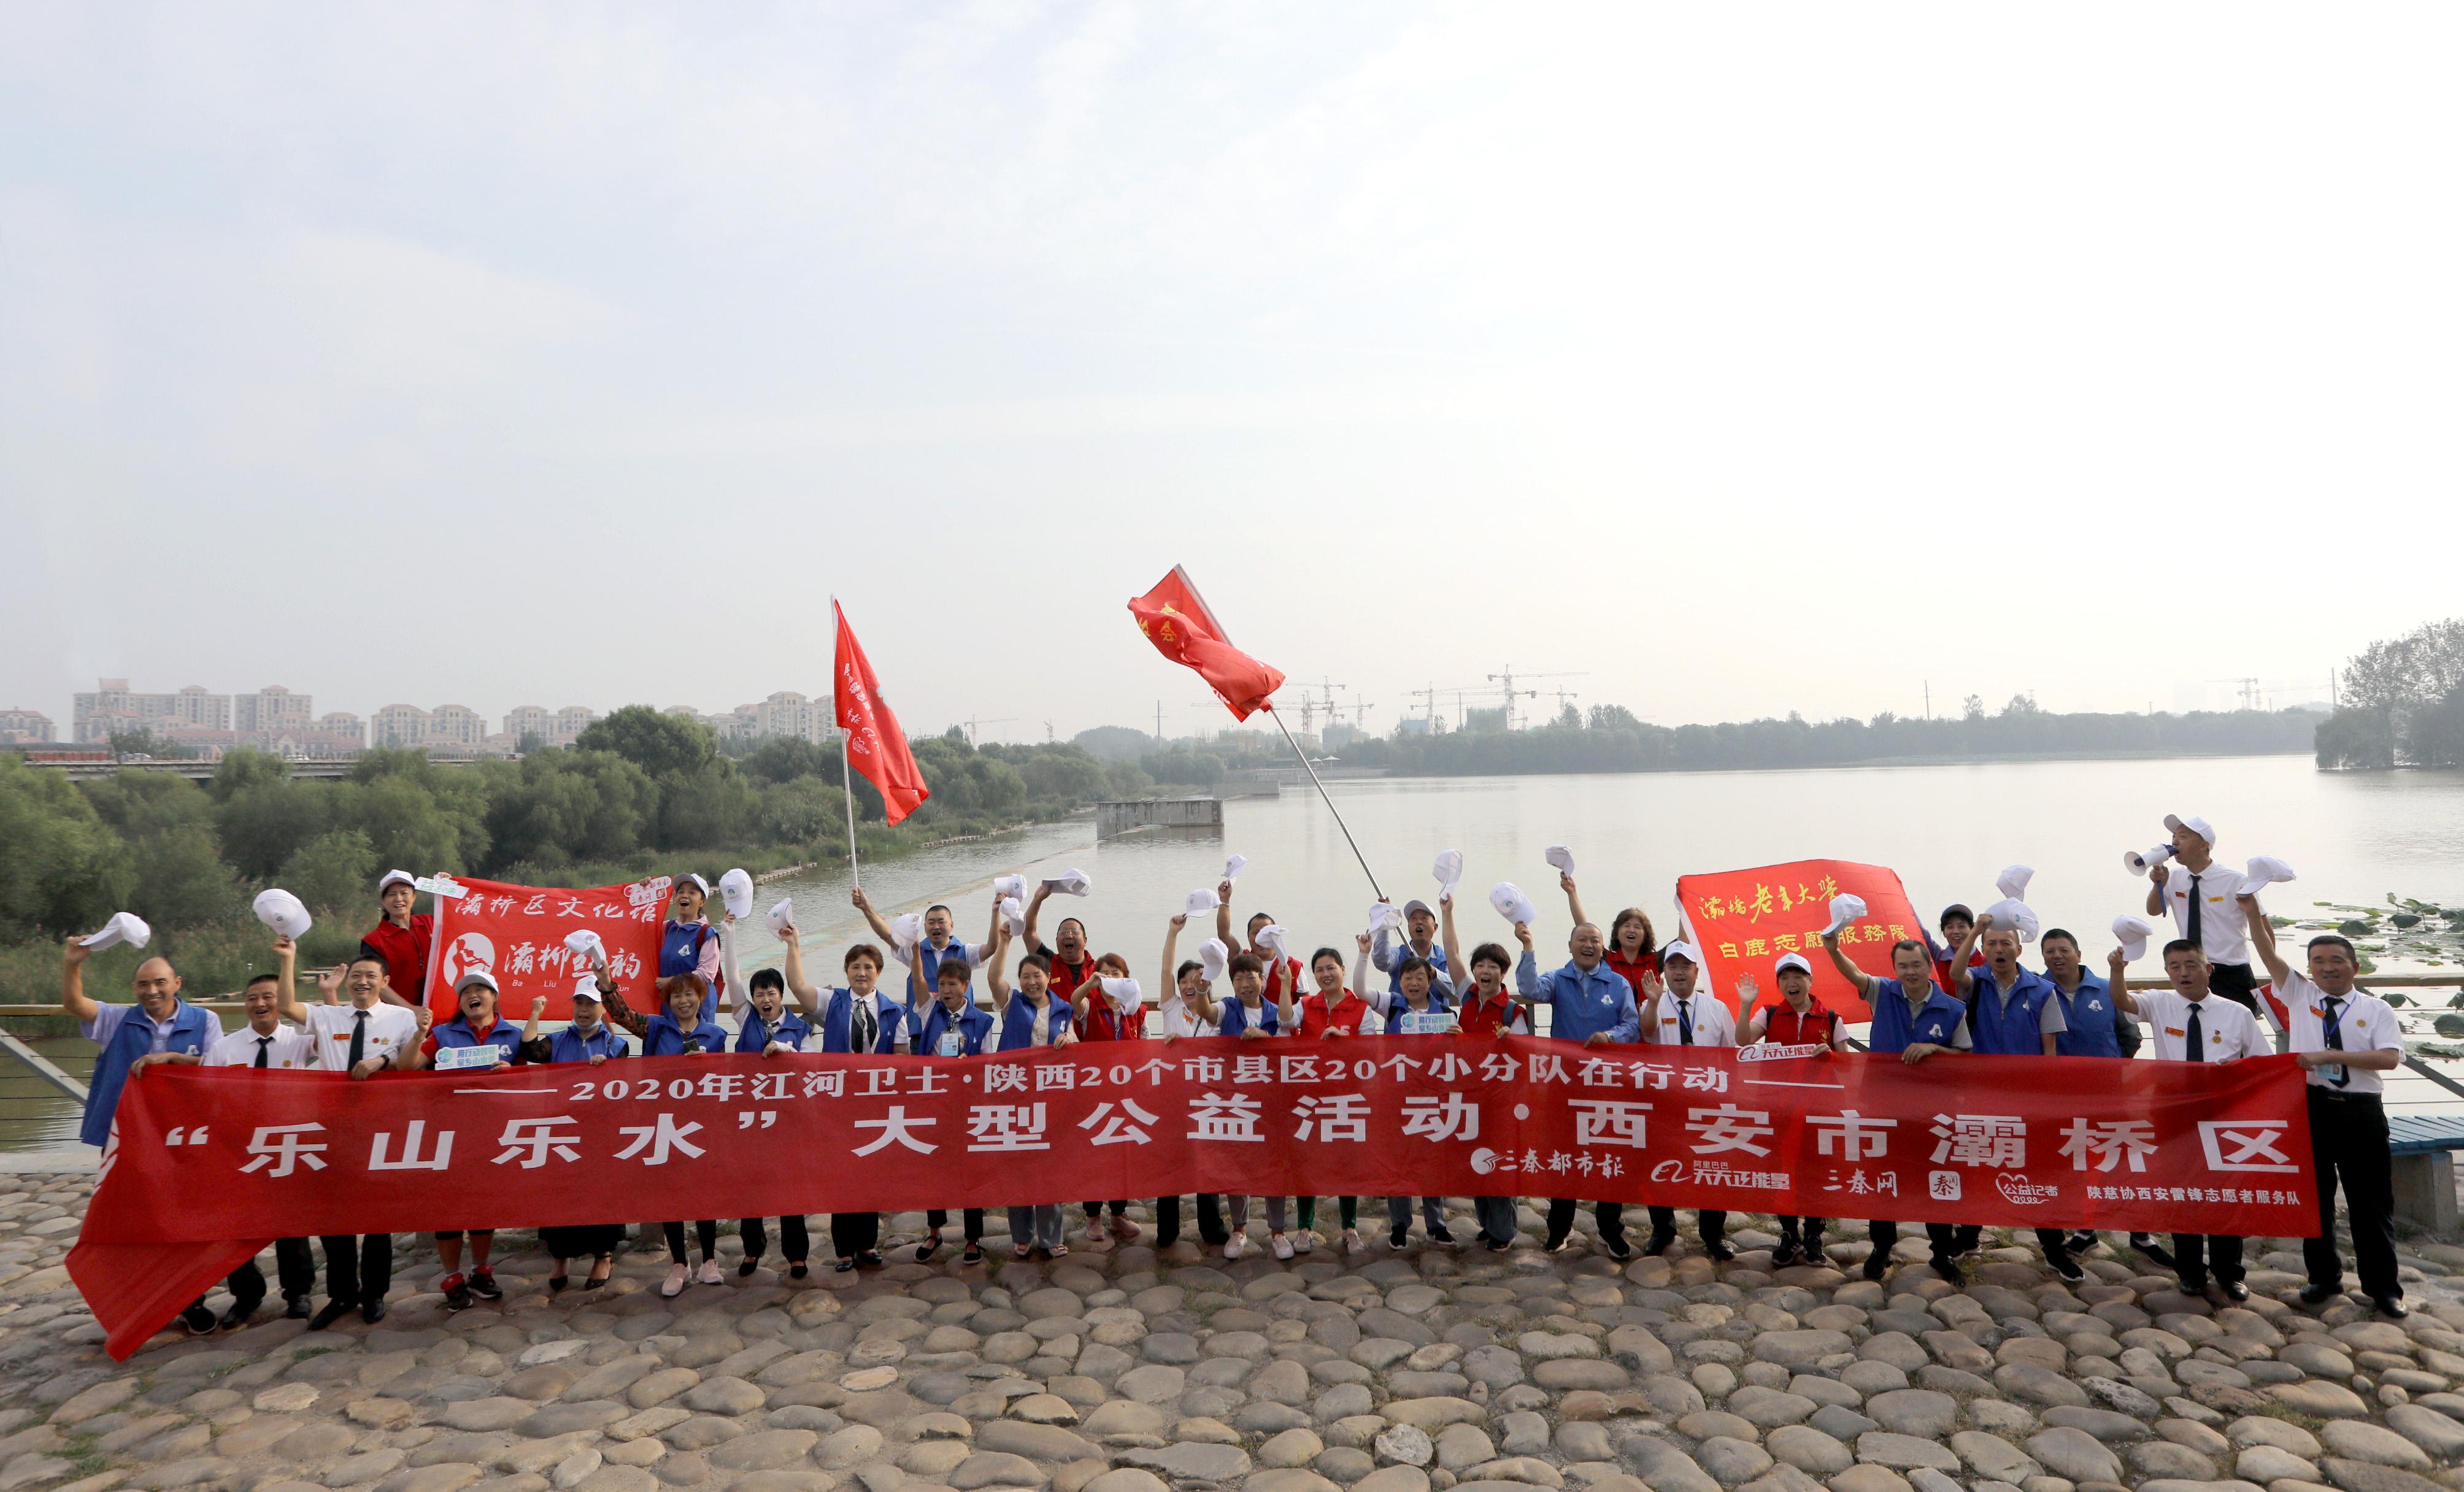 江河衛士之灞橋區丨陜慈協西安雷鋒志愿者服務隊環保小分隊在行動